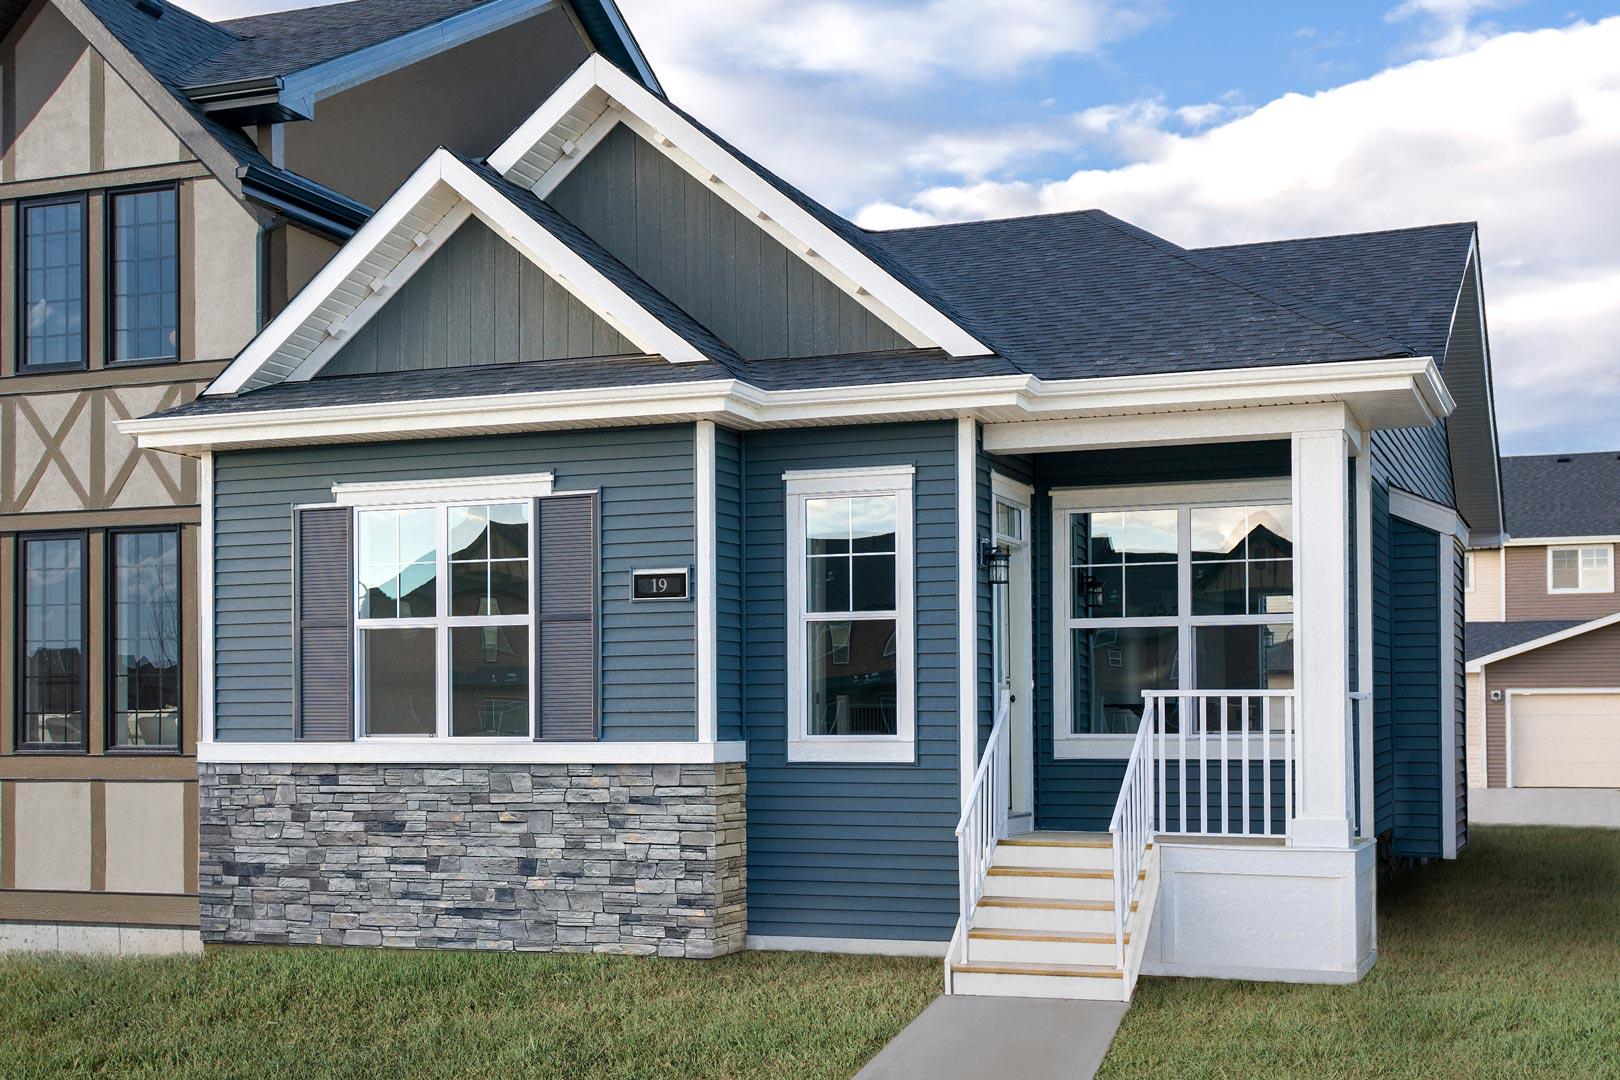 Douglas Homes Exterior Image - House